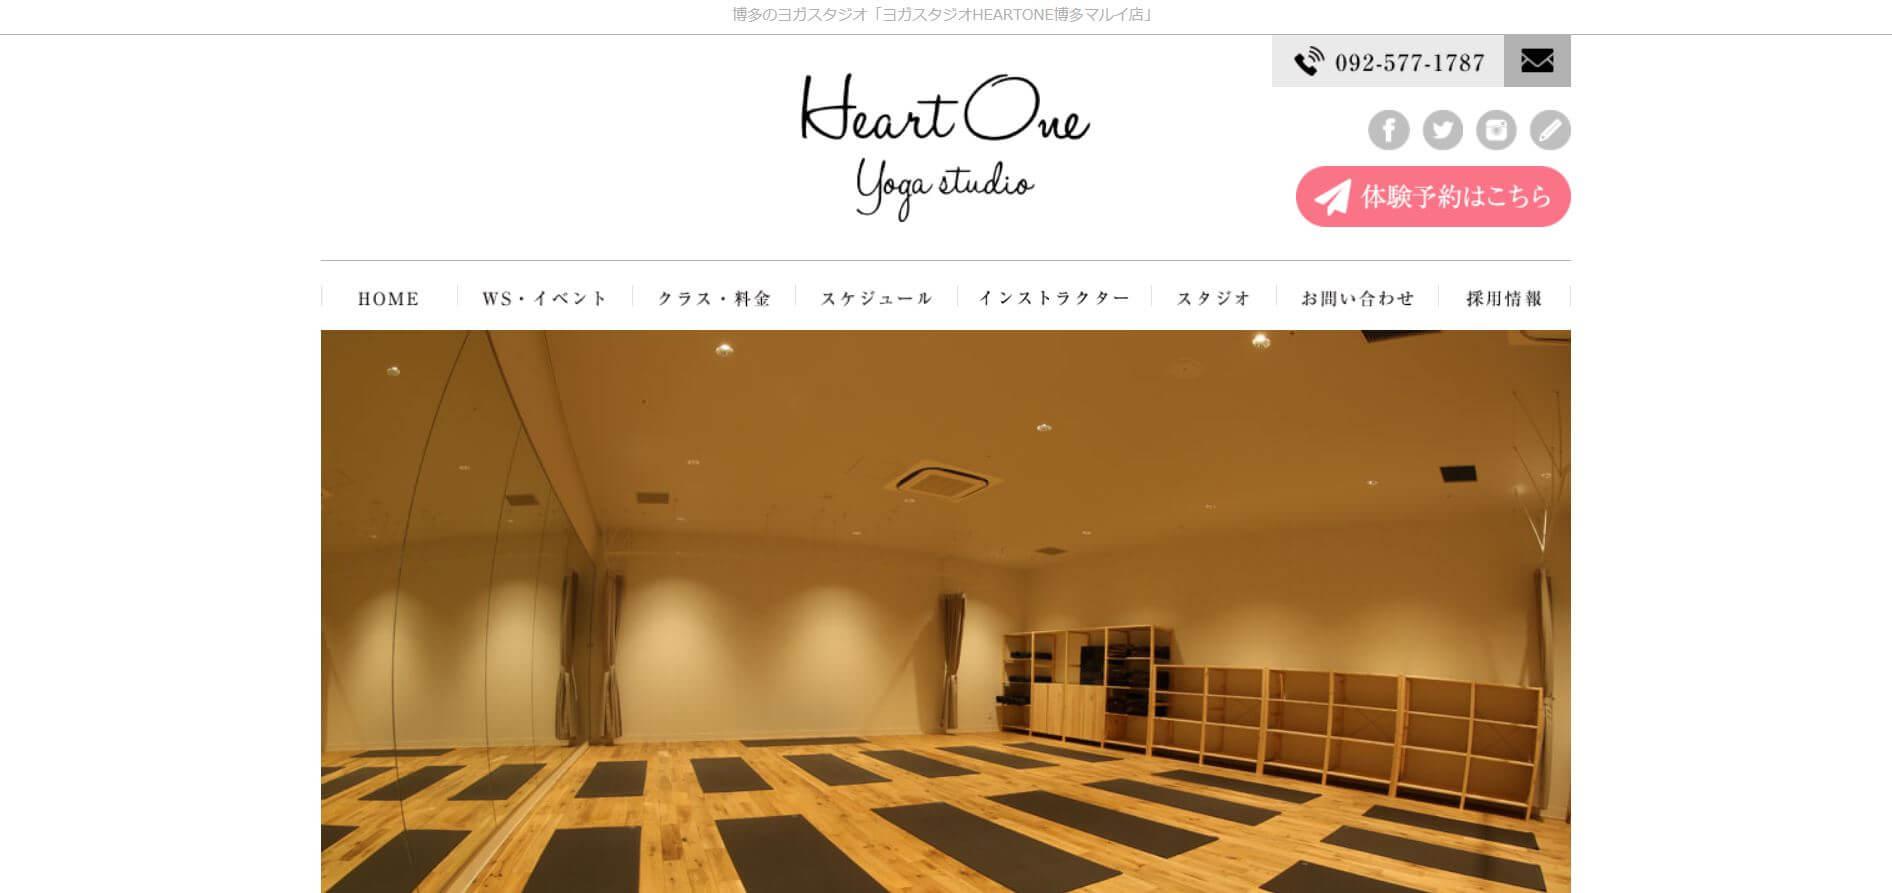 ヨガスタジオ HEARTONE